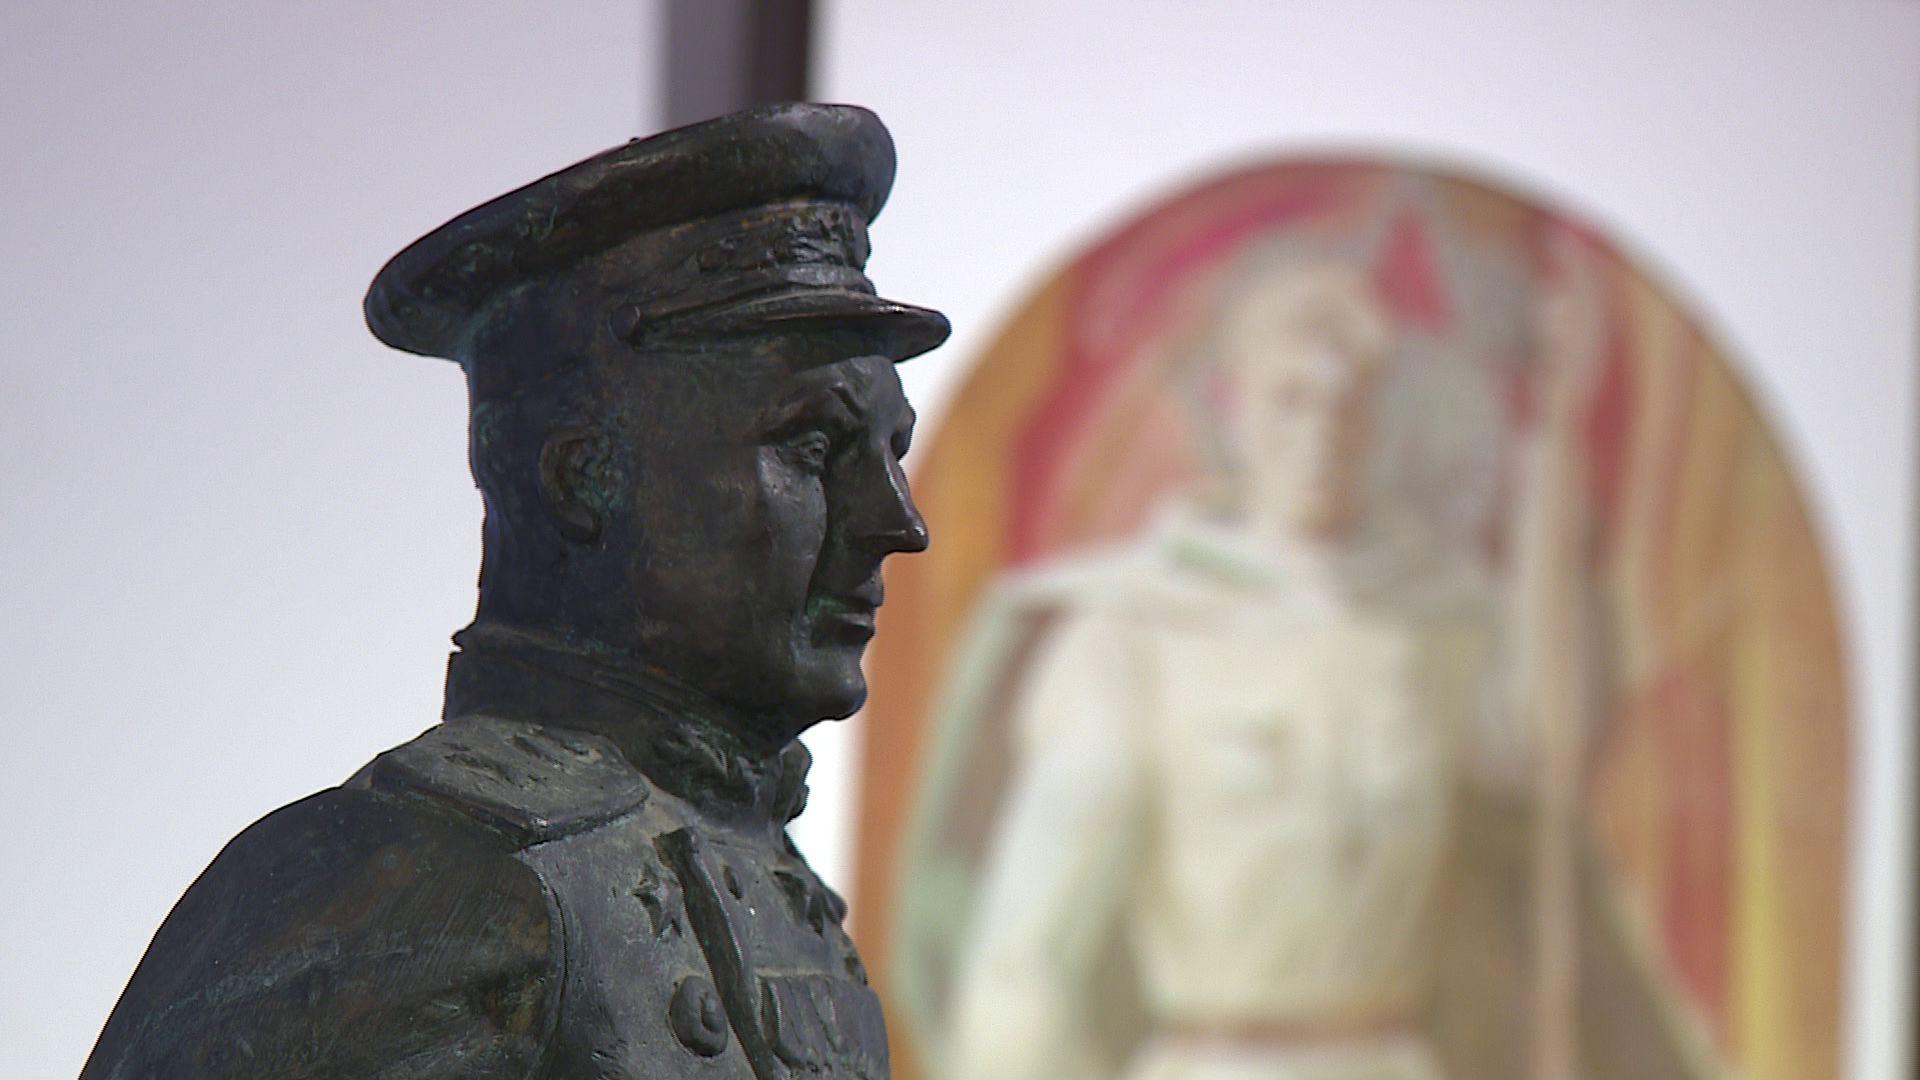 Судьба солдата, человека, мира: в Ярославле открылась выставка в честь юбилея Победы